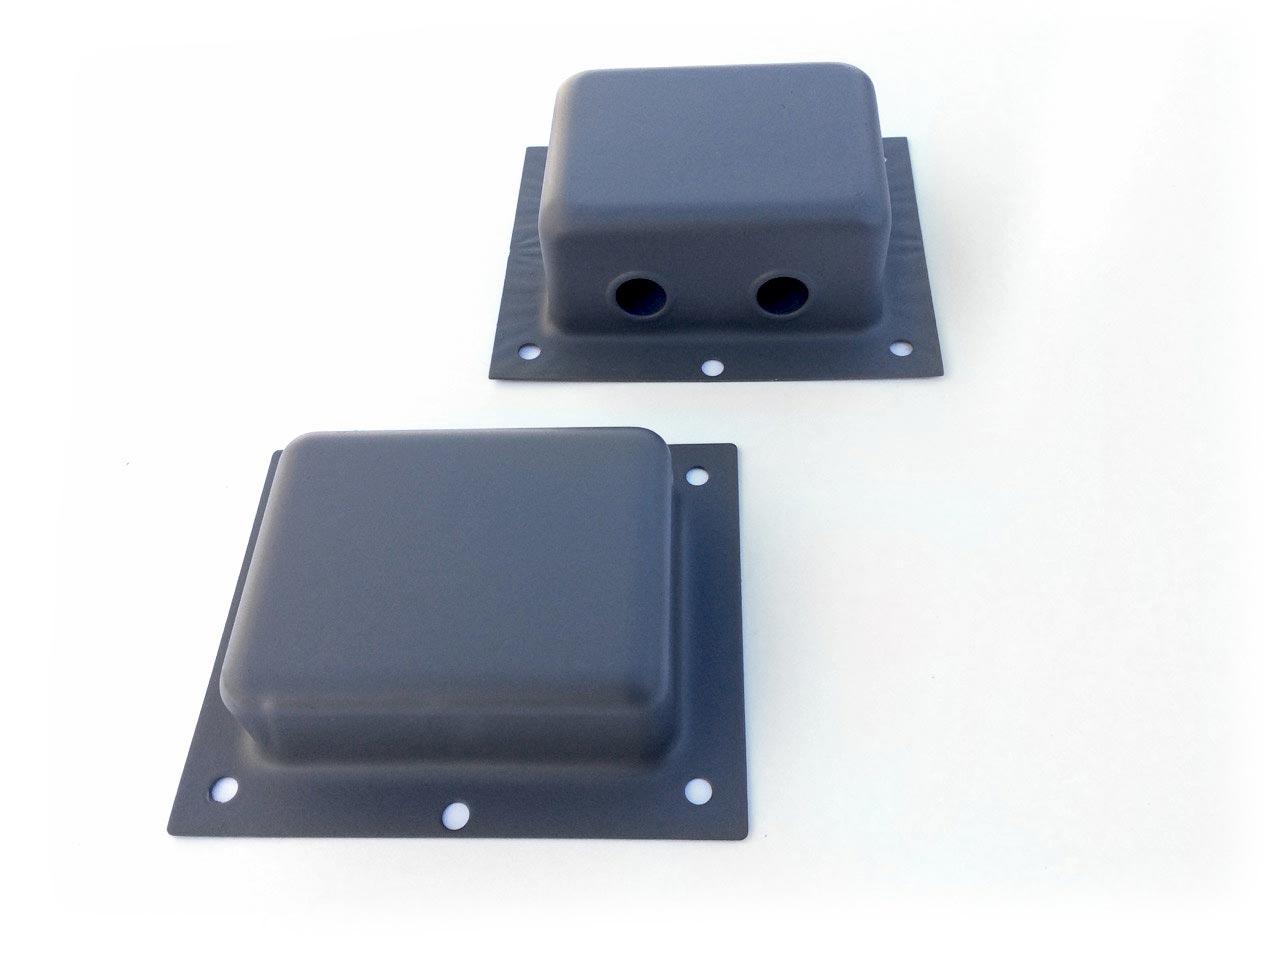 PA-060 & PA-521 Covers